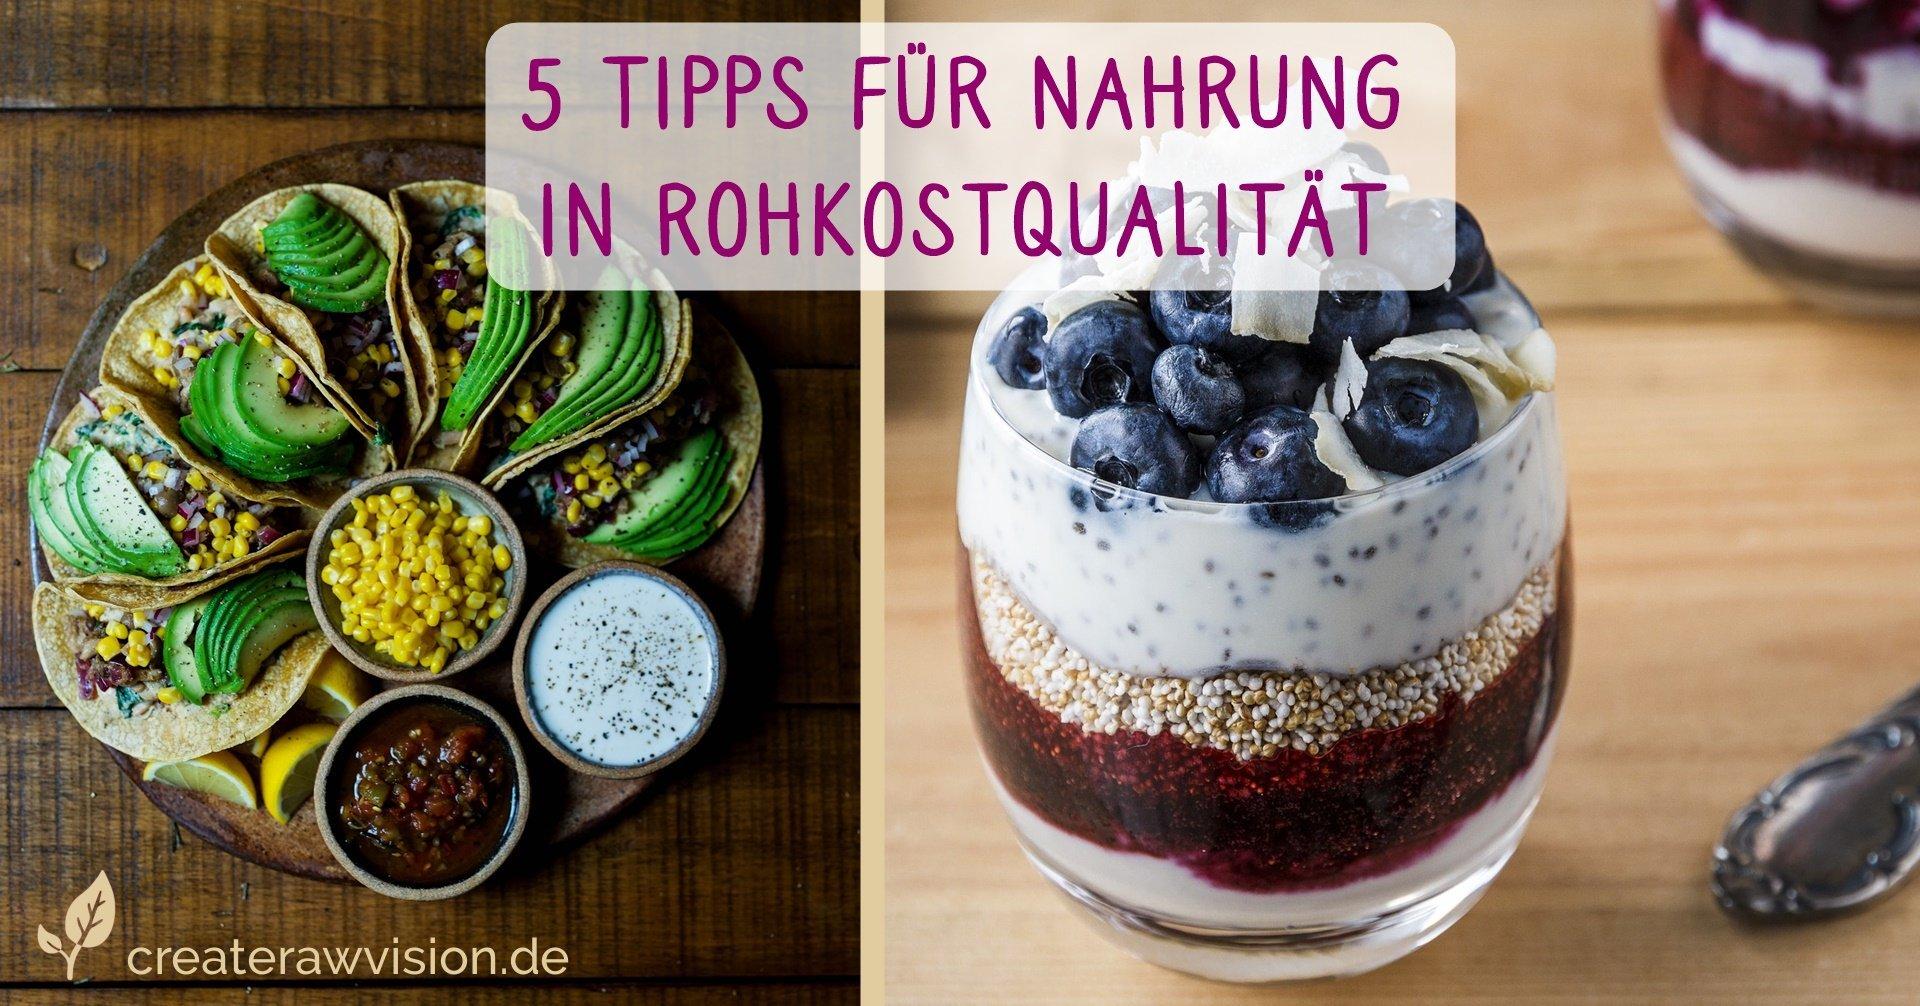 5 Tipps für Nahrung in Rohkostqualität